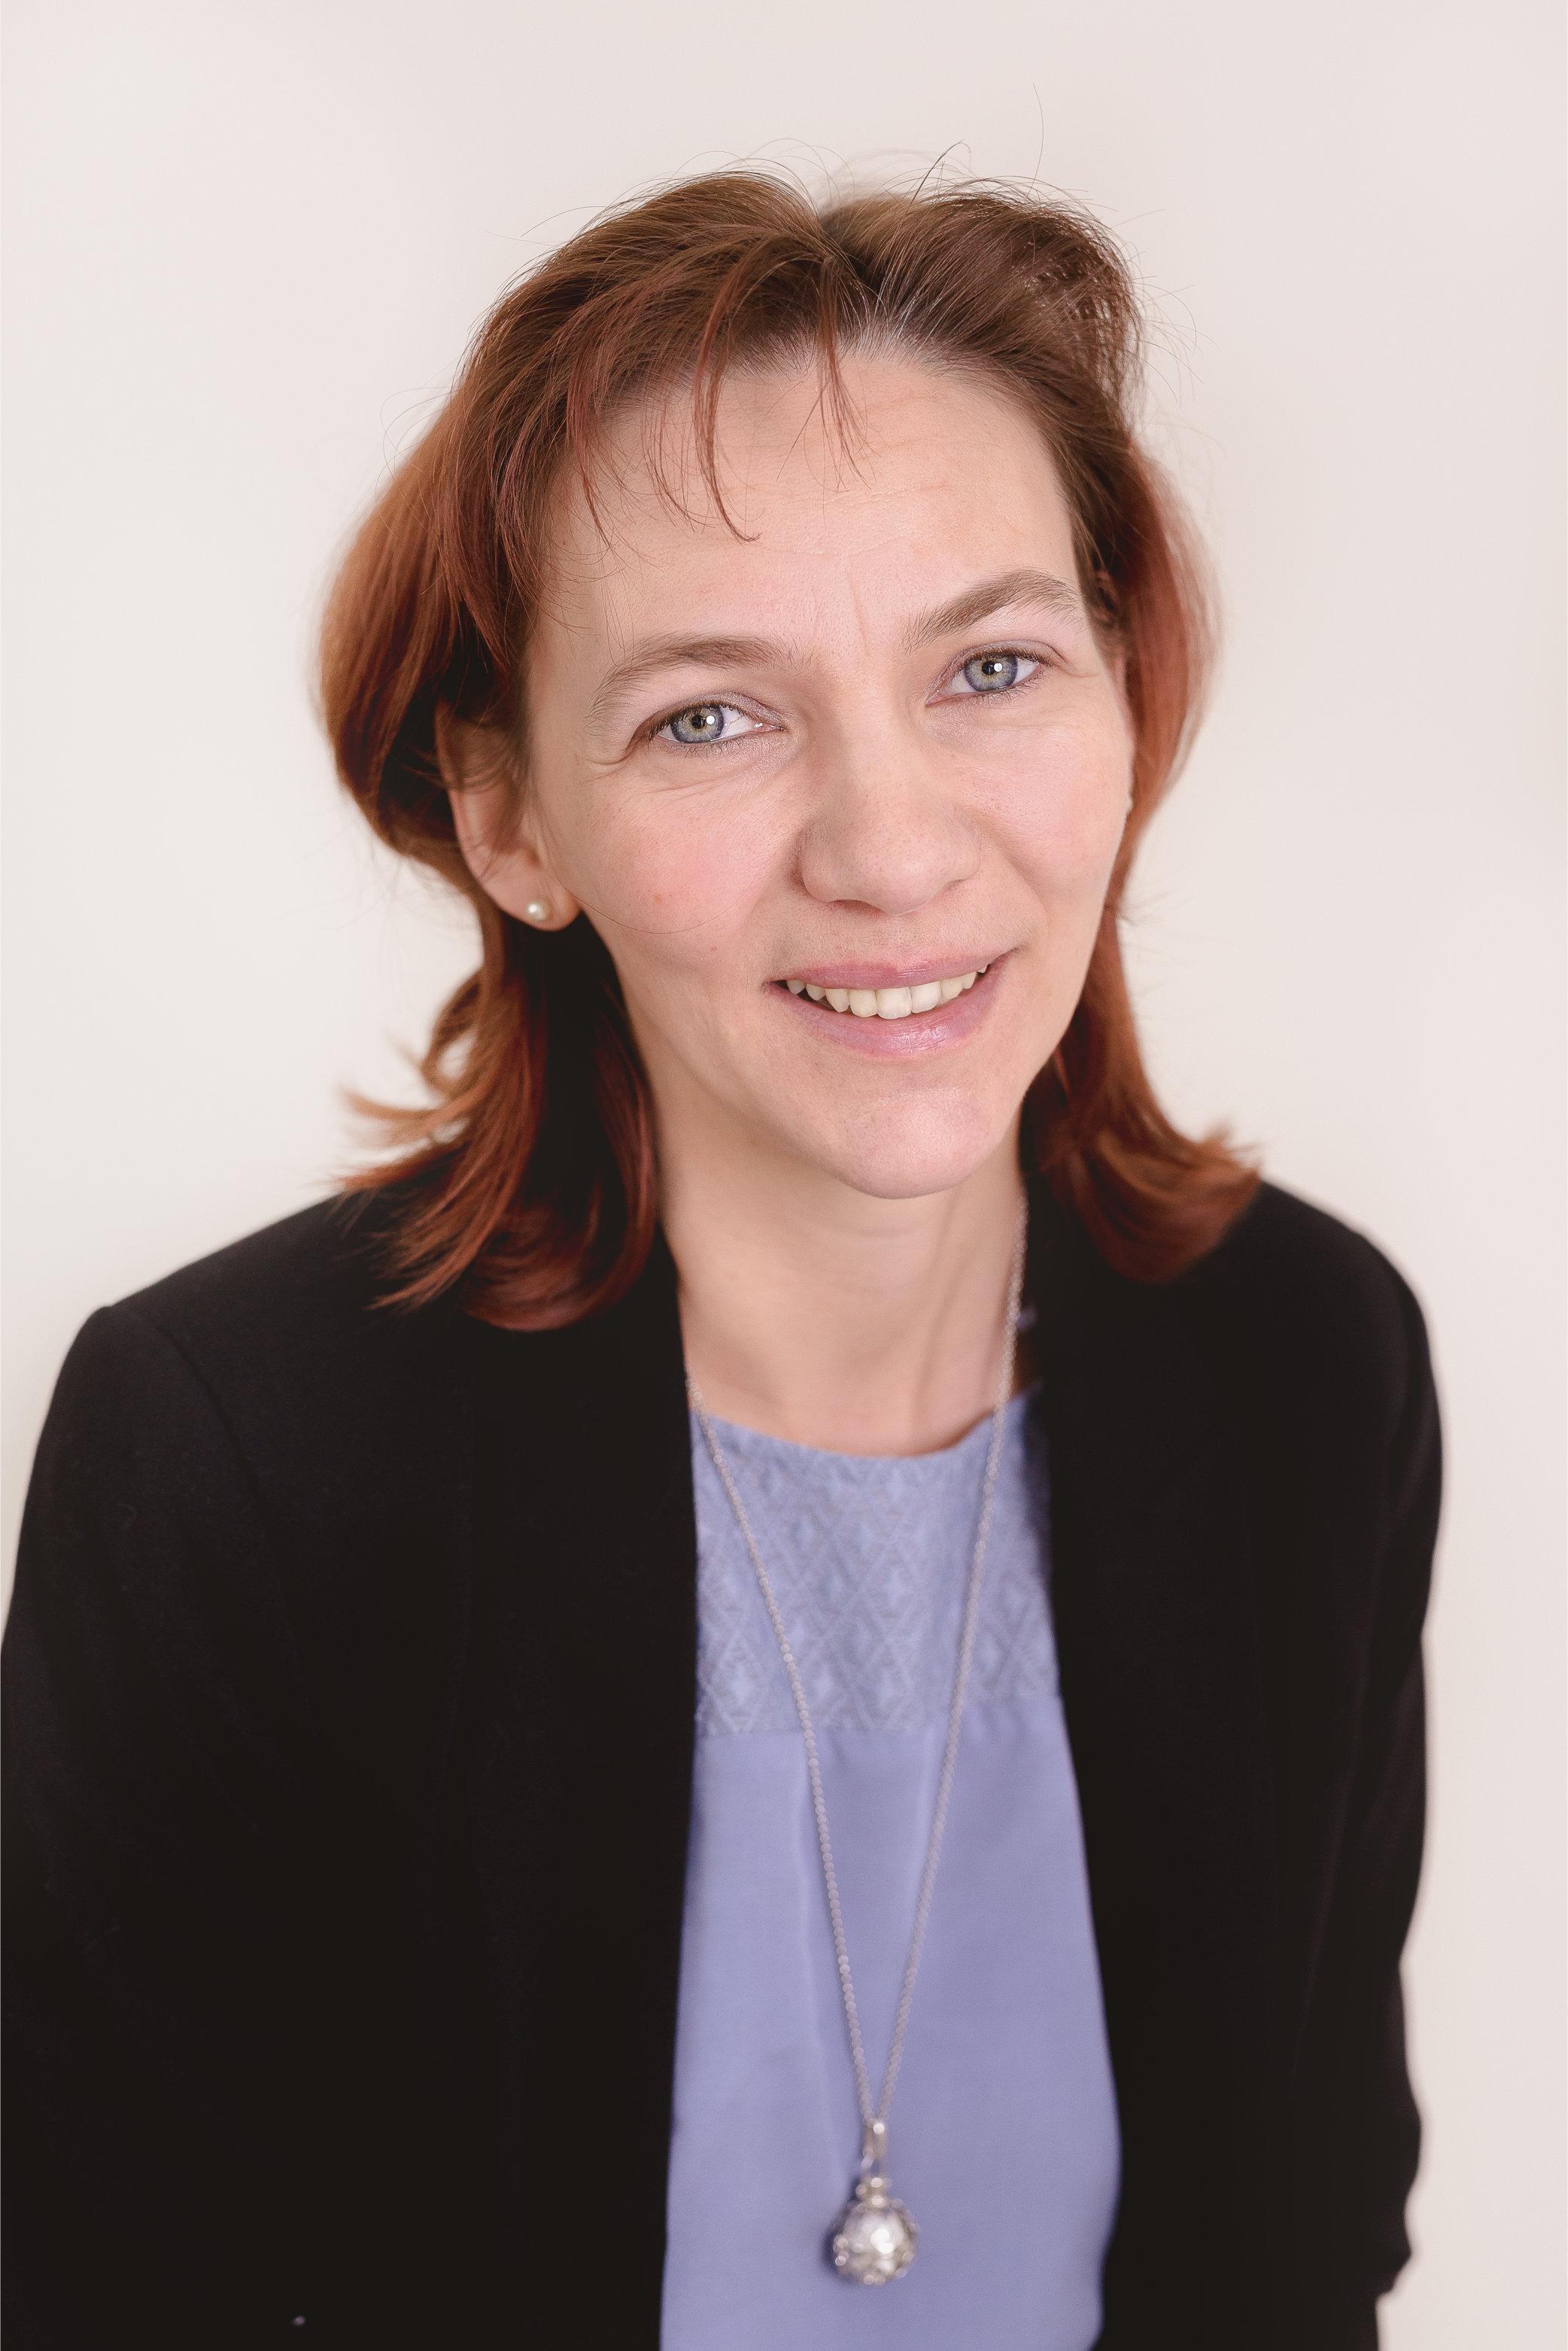 Anita Pitzl